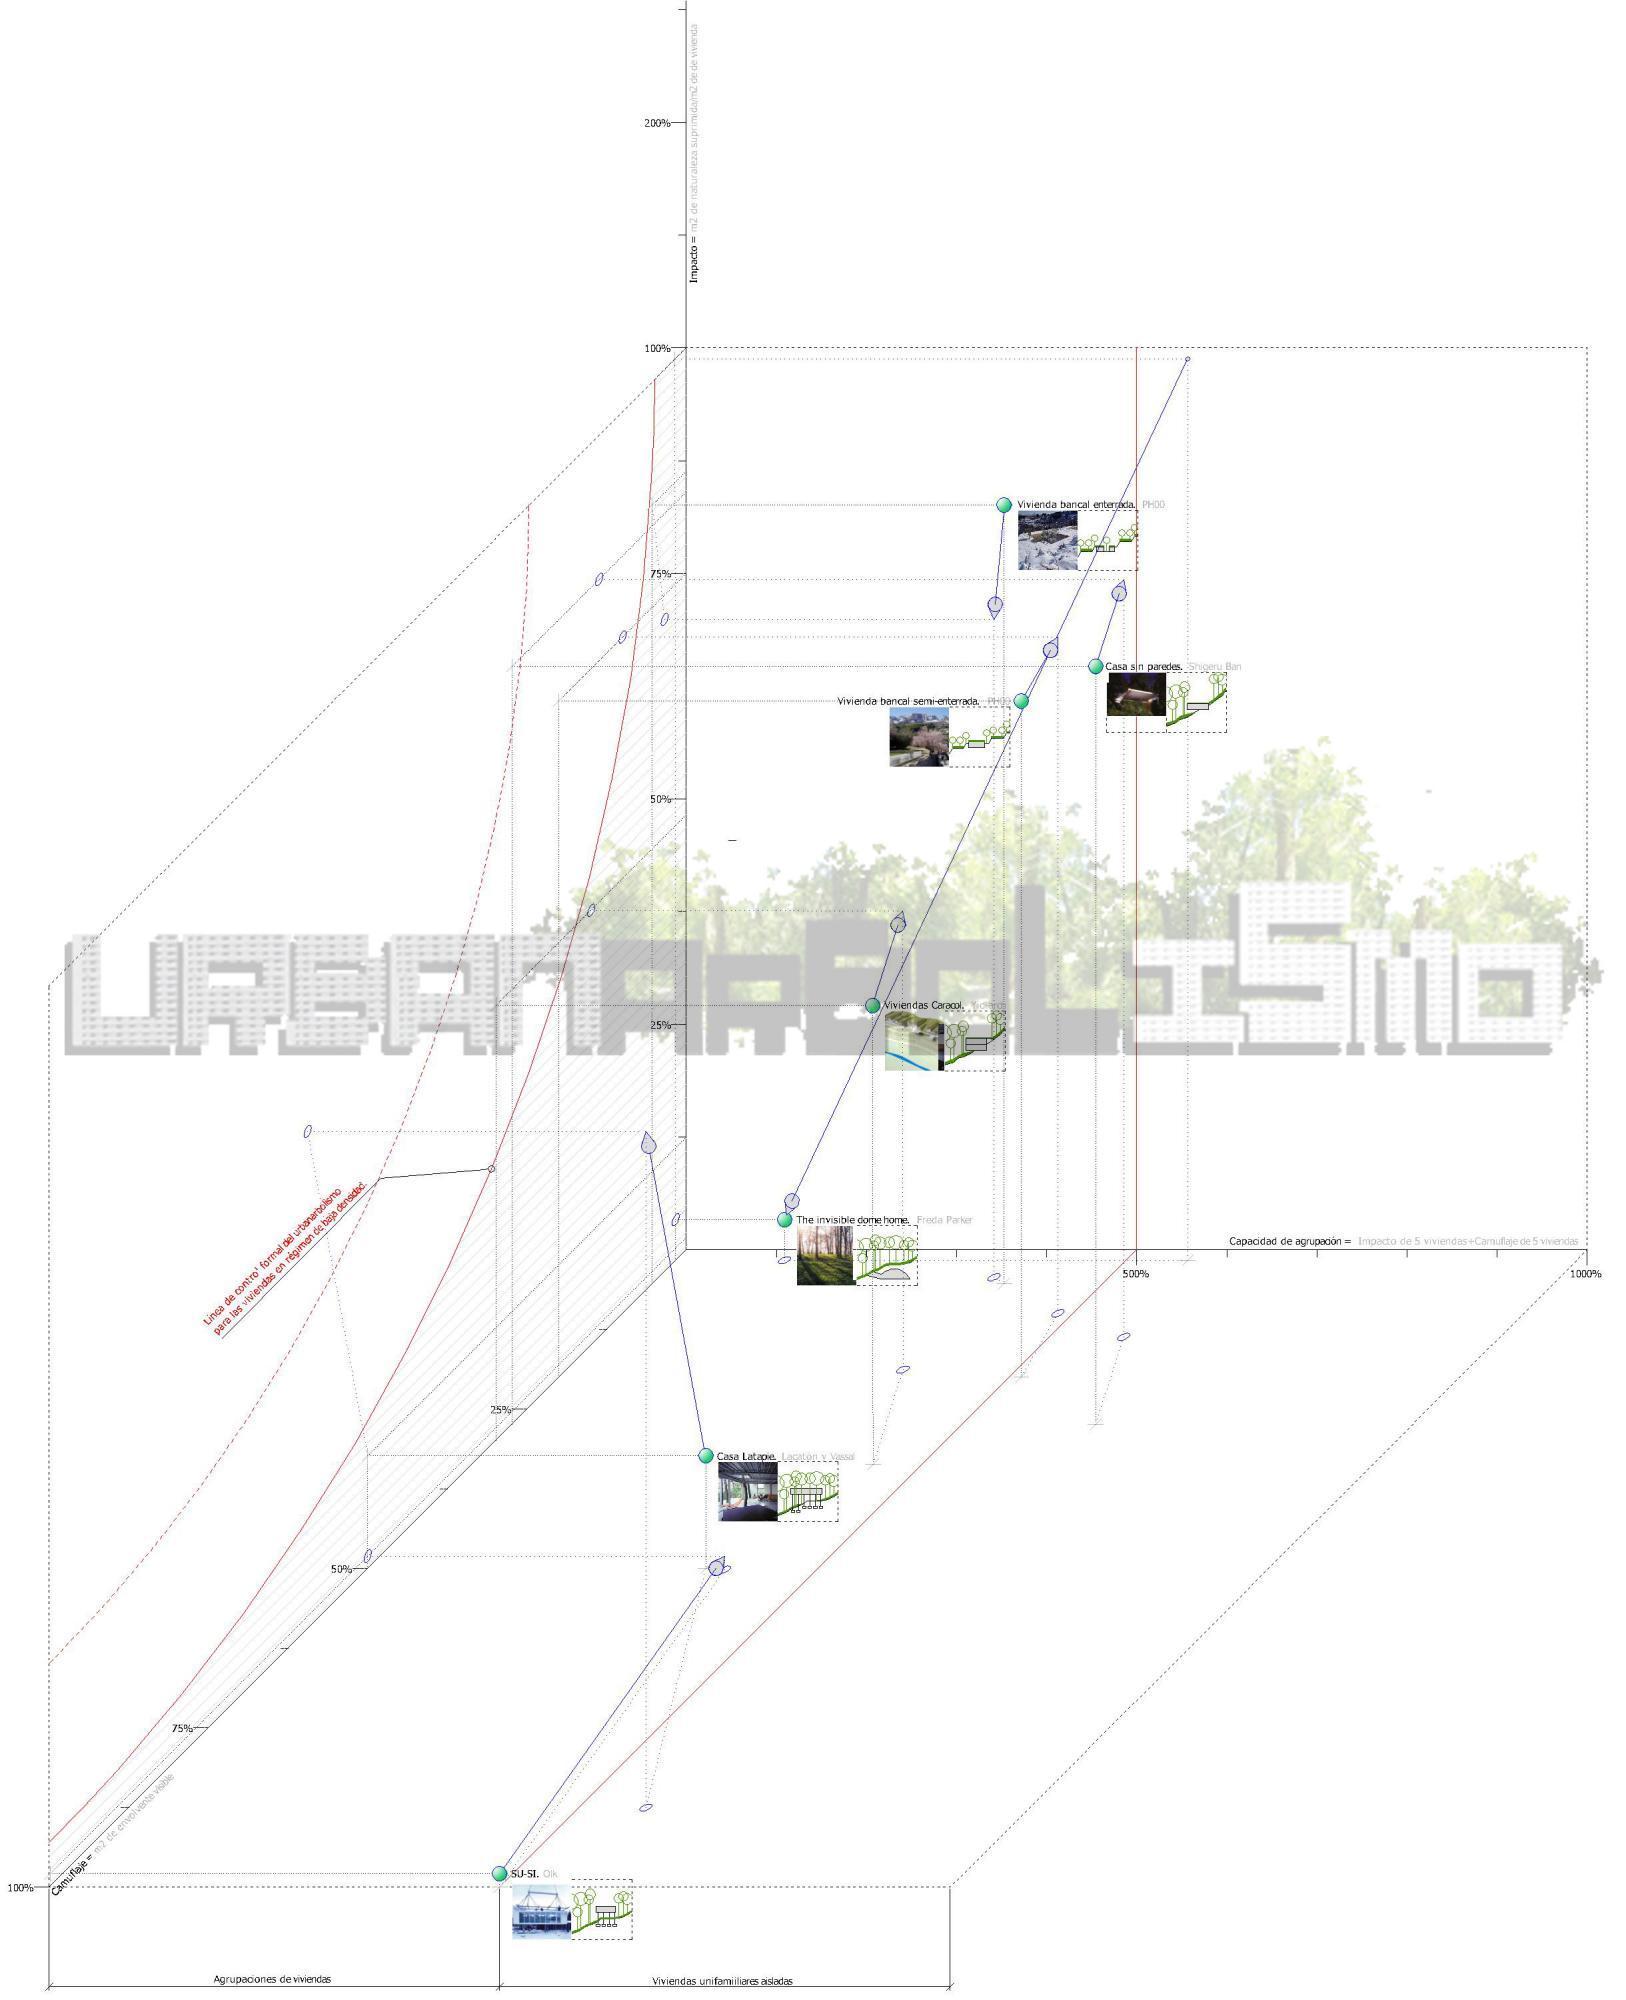 Analisis de viviendas de baja densidad urbanarbolismo for Piscinas ecologicas pdf